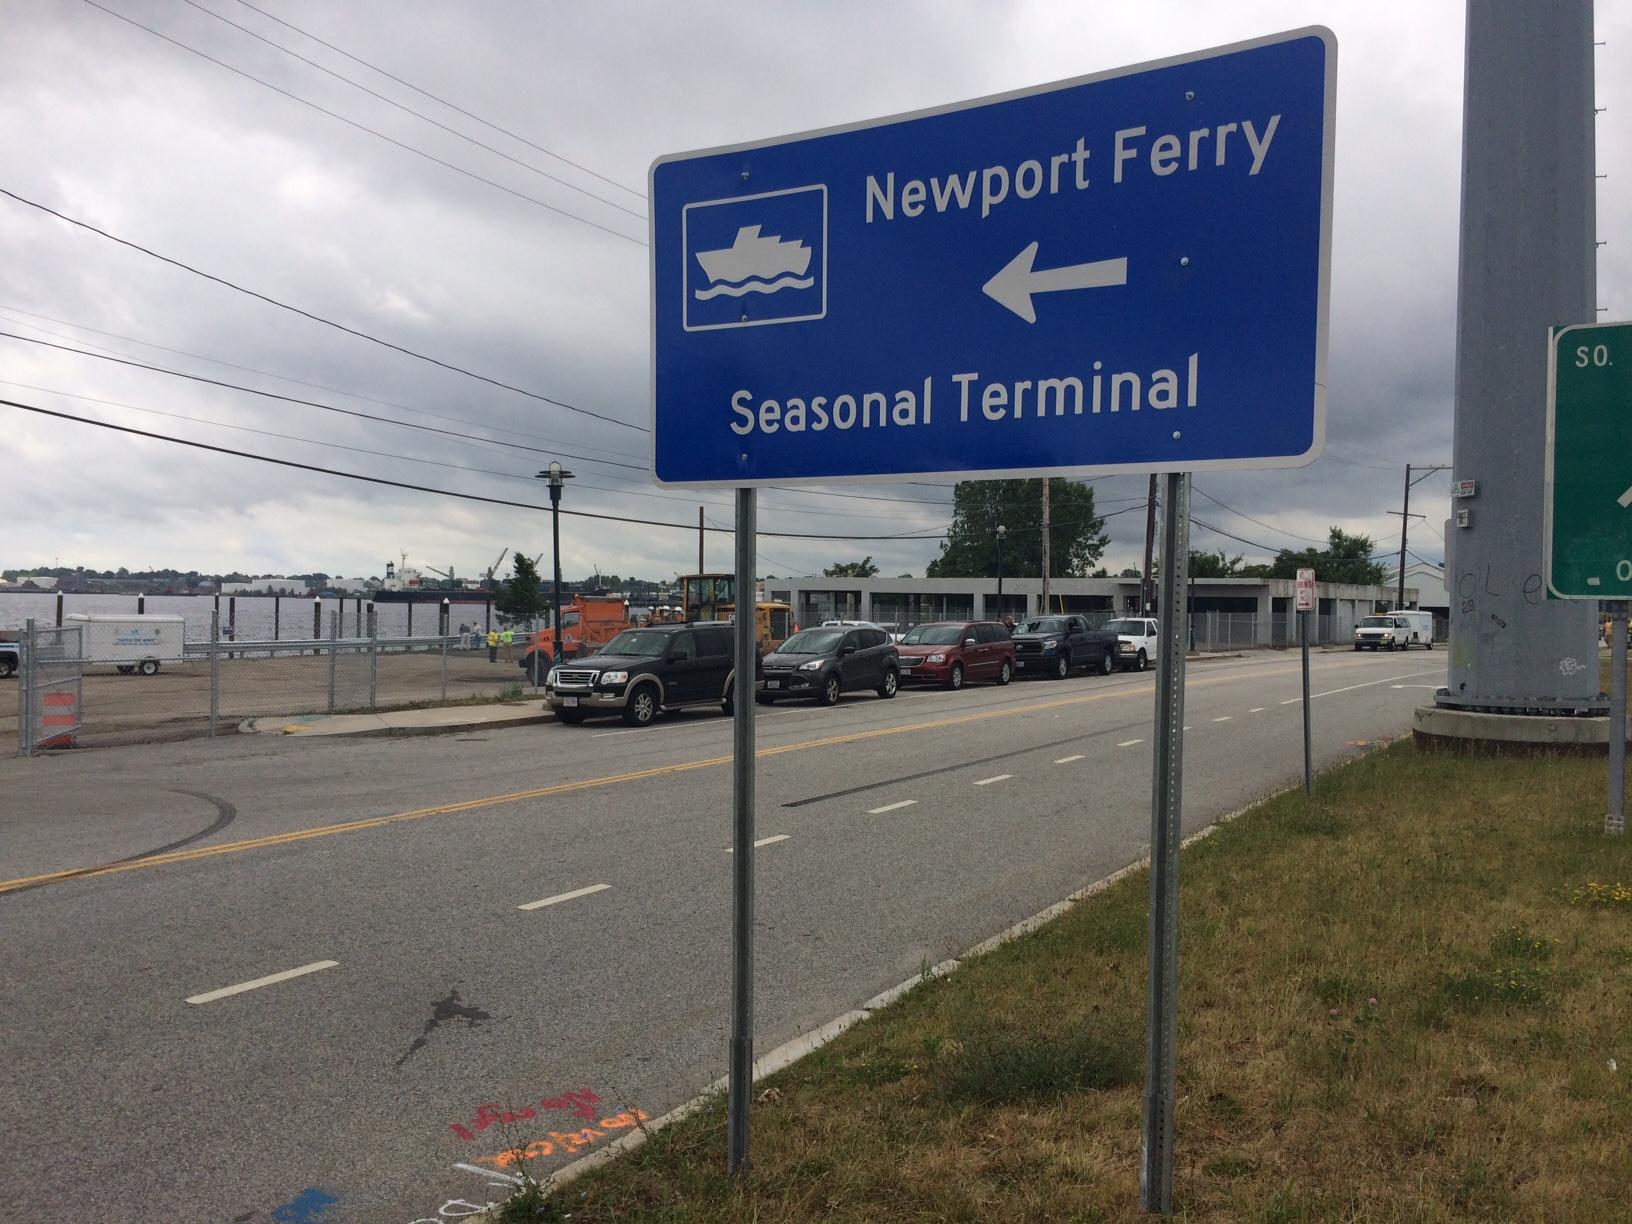 newport ferry madeleine_323749